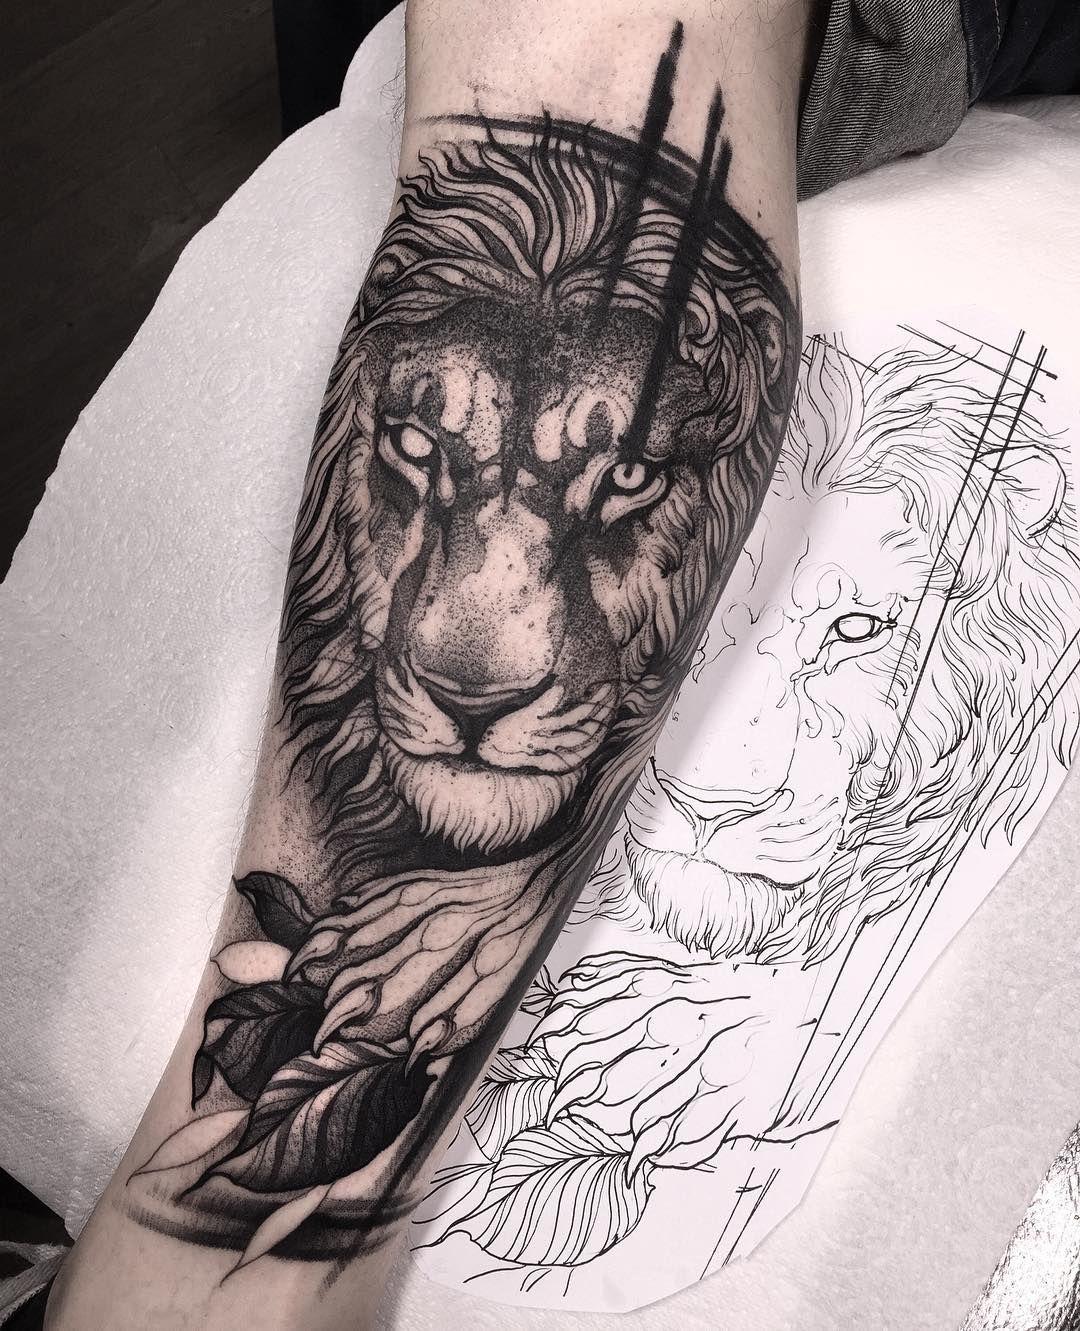 78 Lion Tattoo Ideas Which You Like July 2019 Lion Tattoo